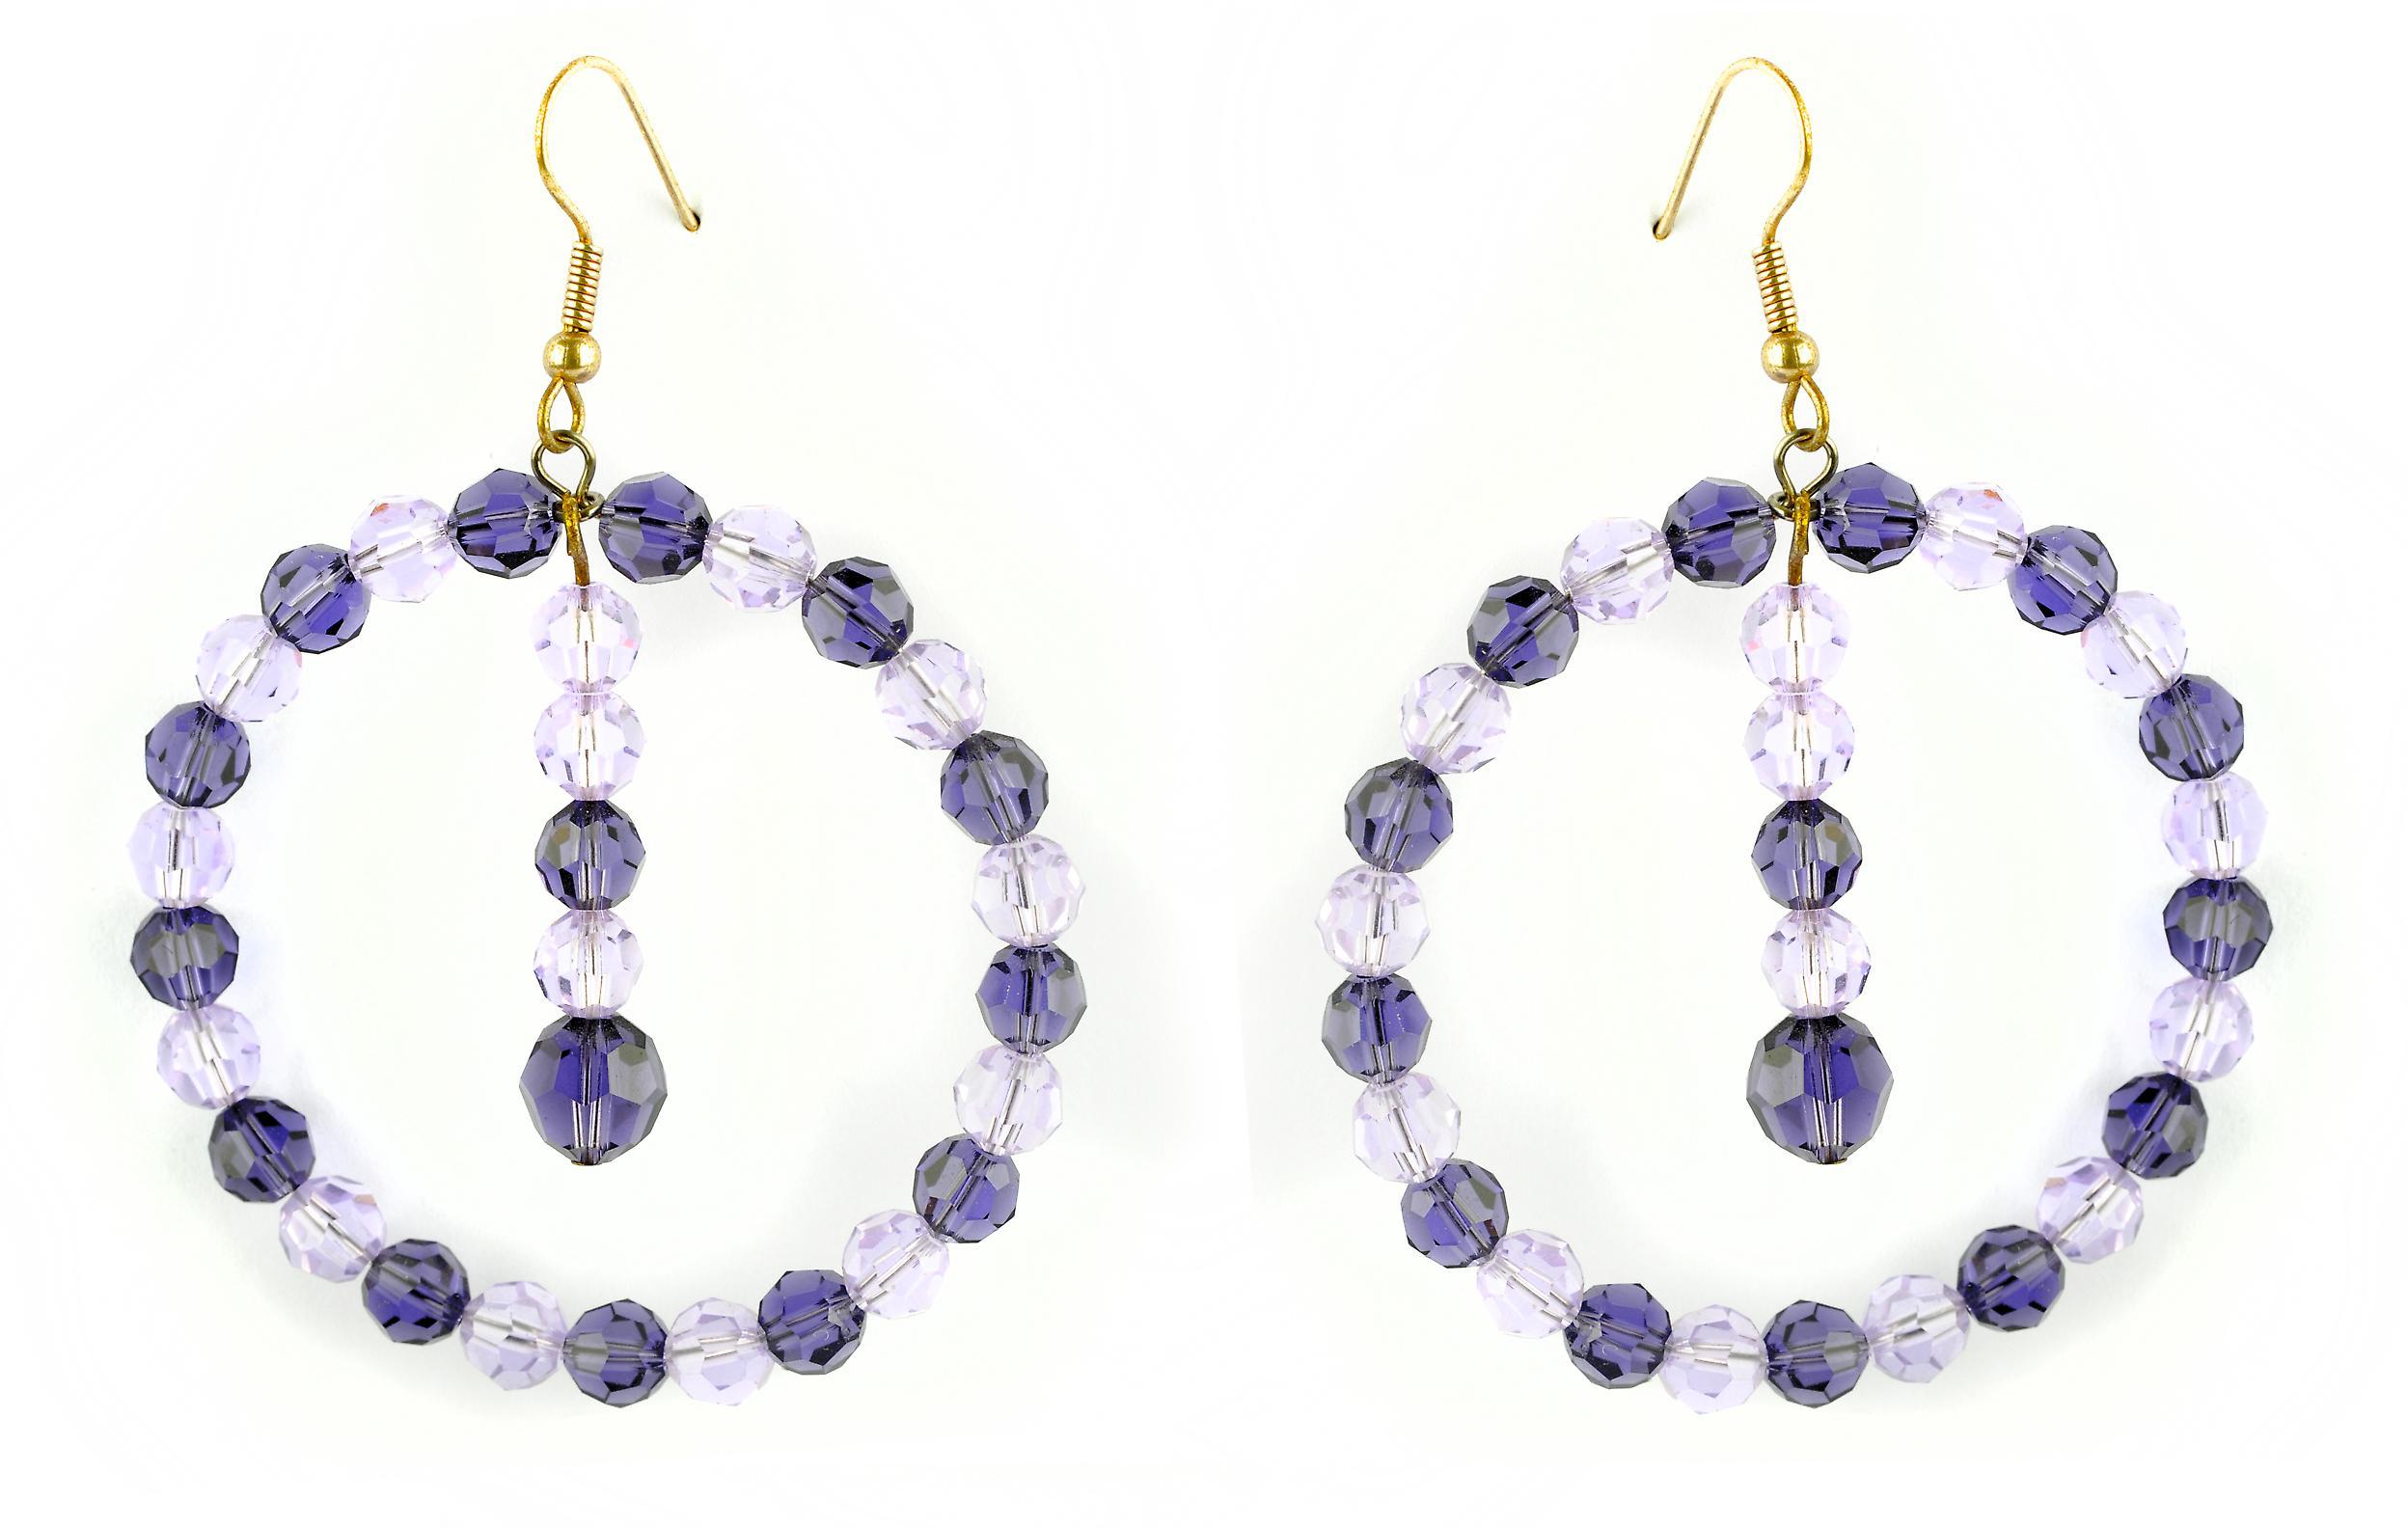 Waooh - smycken - WJ0718 - örhängen med strass Swarovski lila Lila - mount färg guld